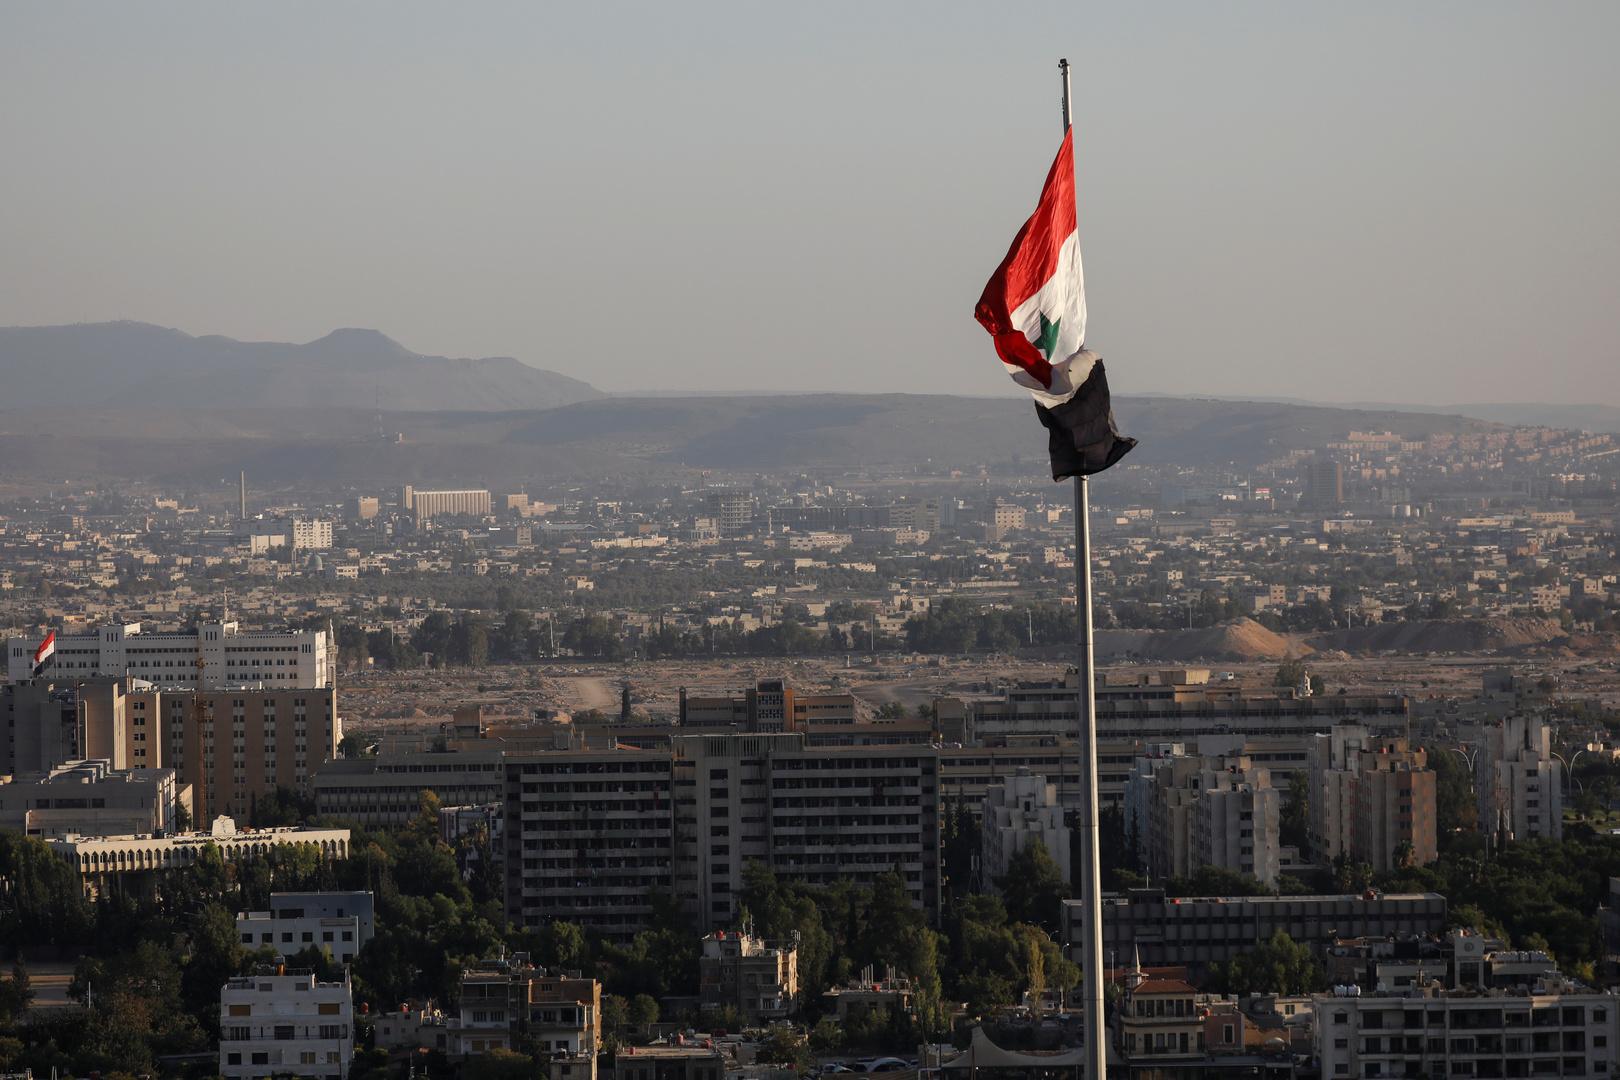 سوريا تعلن عن فرصة استثمارية لتحقيق الاكتفاء الذاتي من مادة أولية